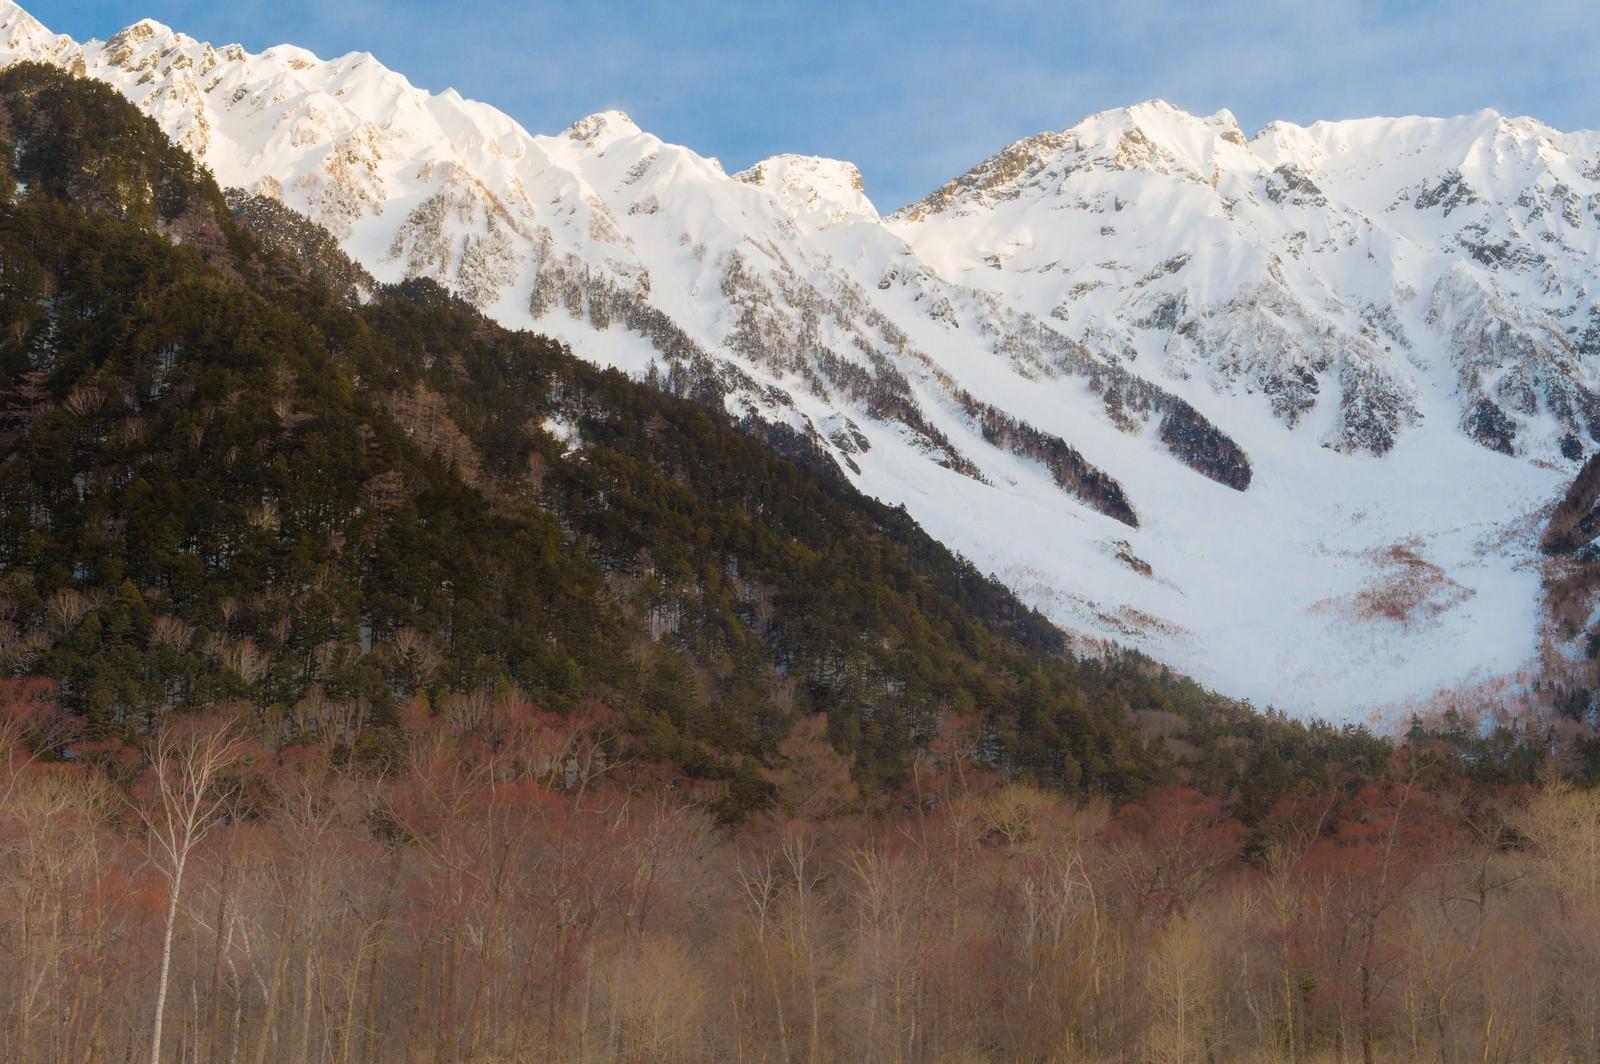 「冬の上高地の透き通った空気の先にある穂高連峰」の写真